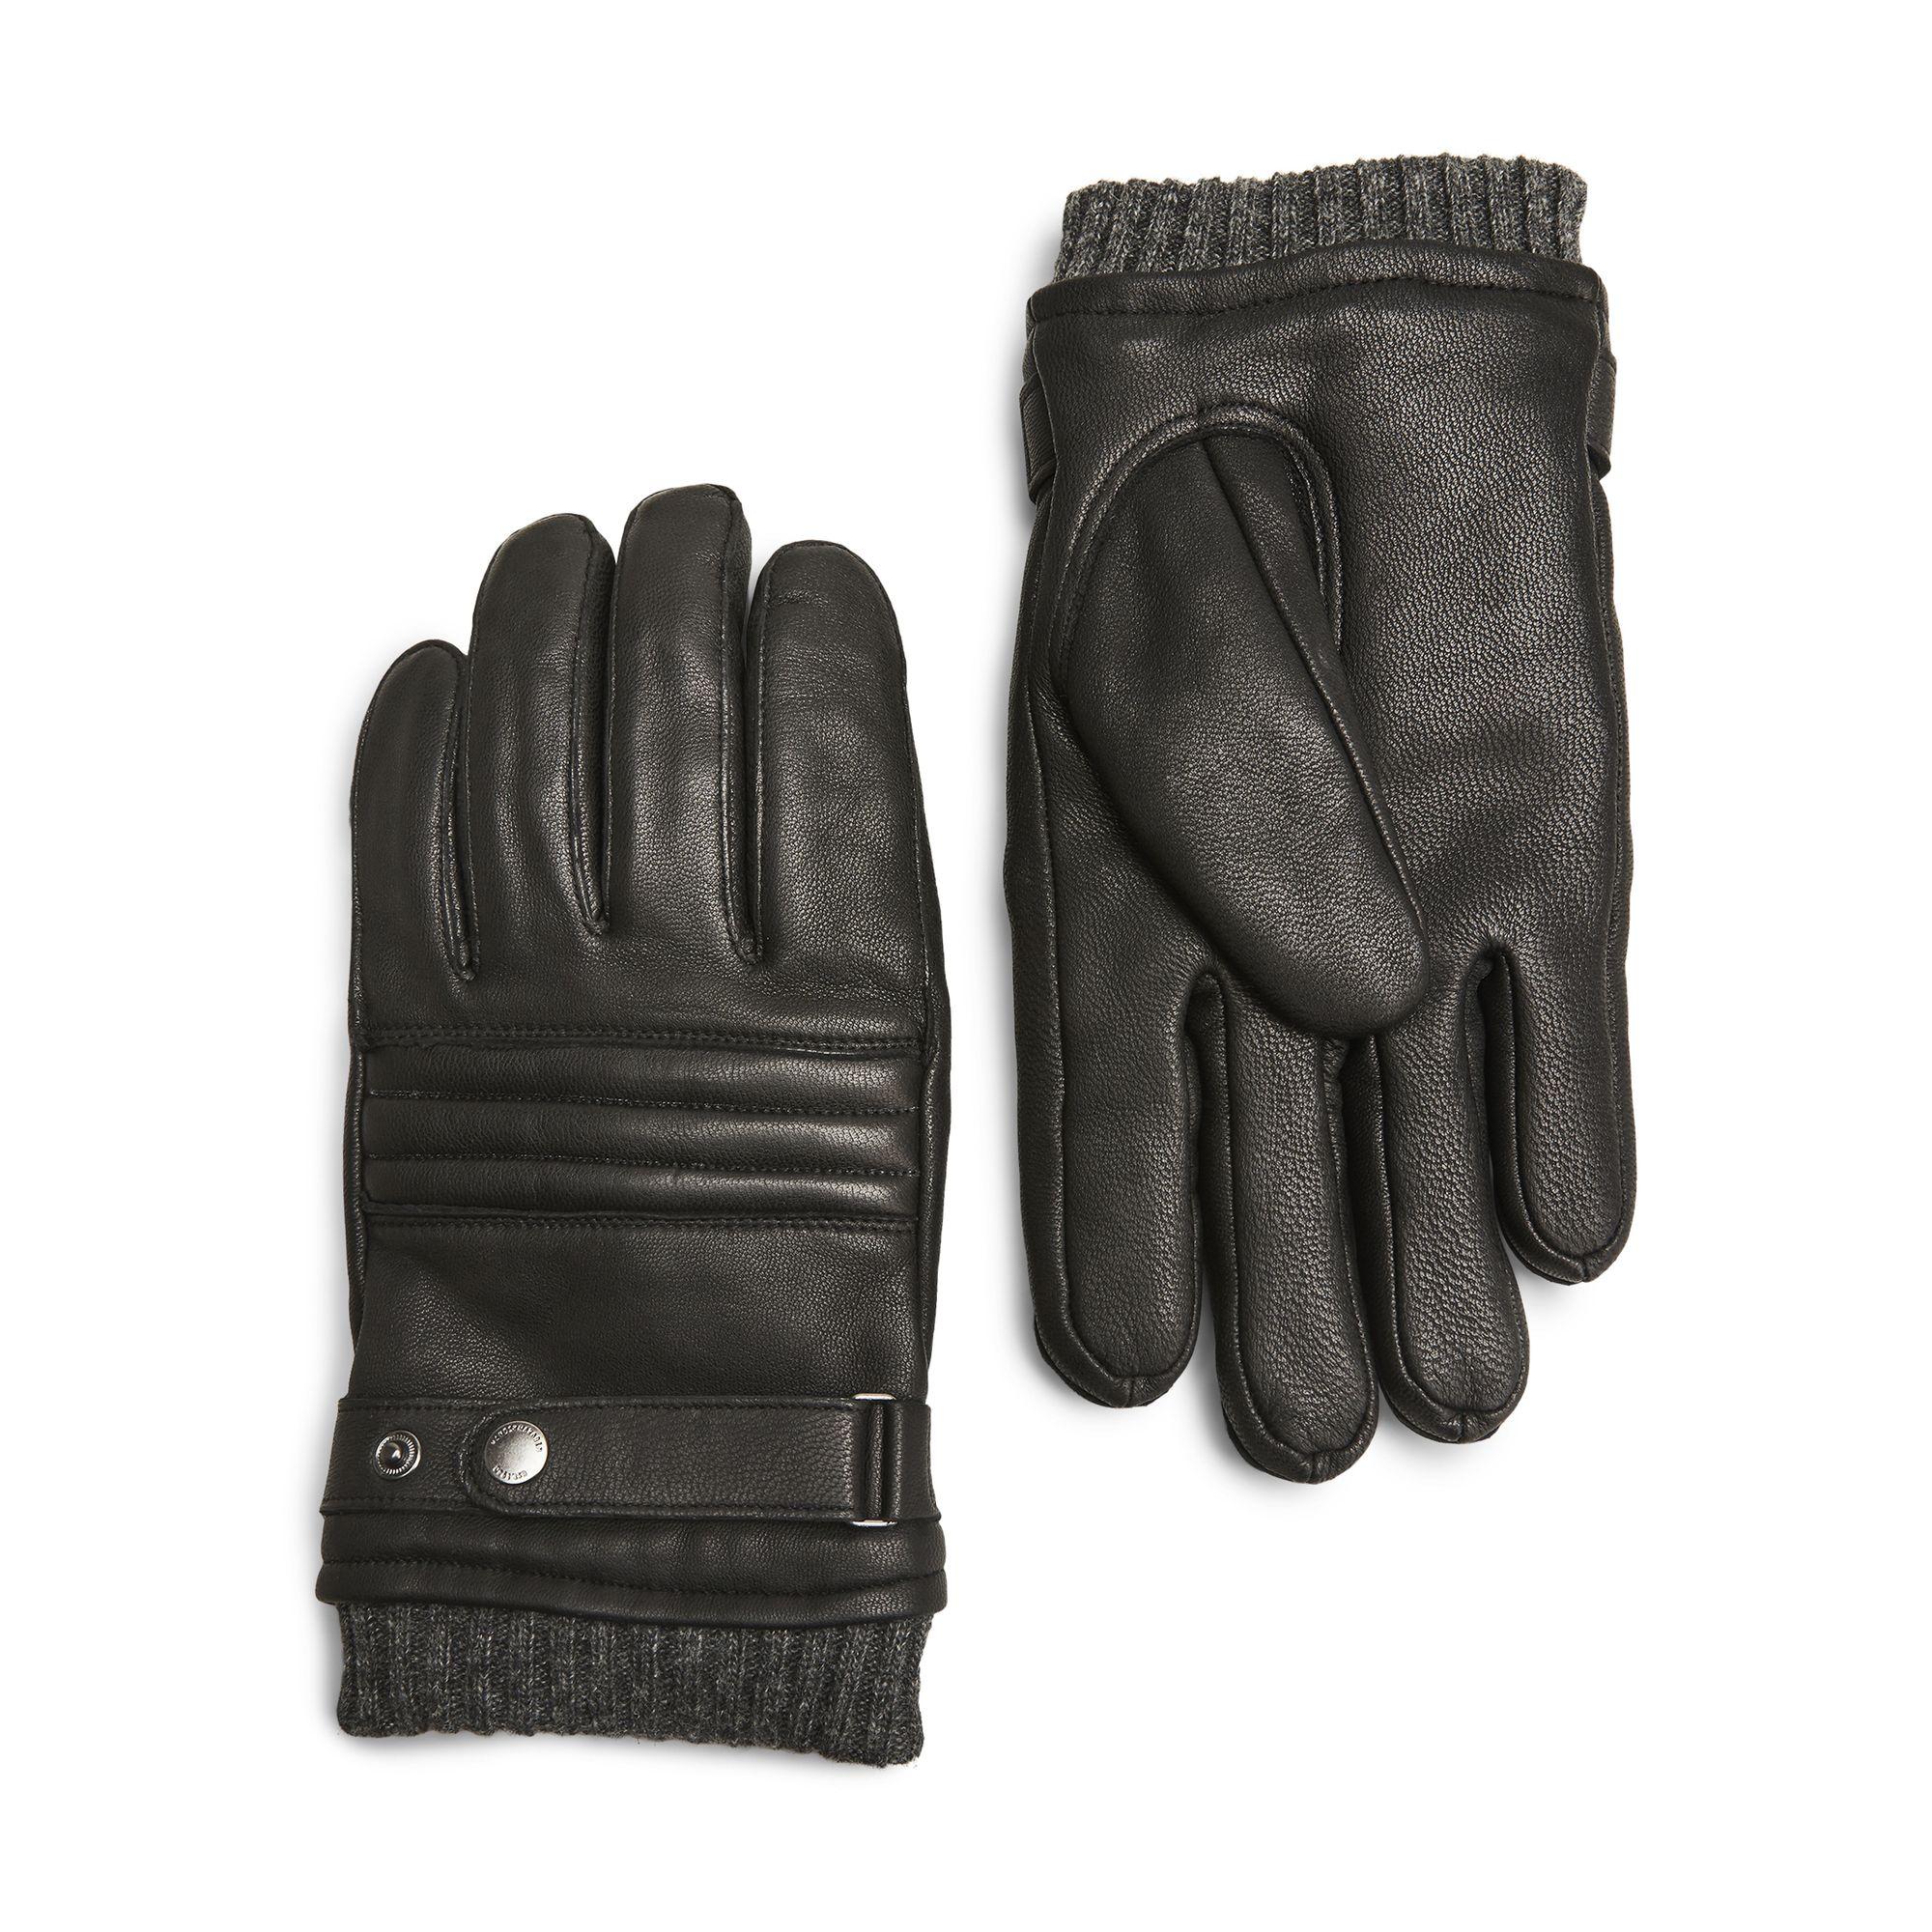 Handskmakaren Viareggio handskar i skinn, herr, Svart, 10